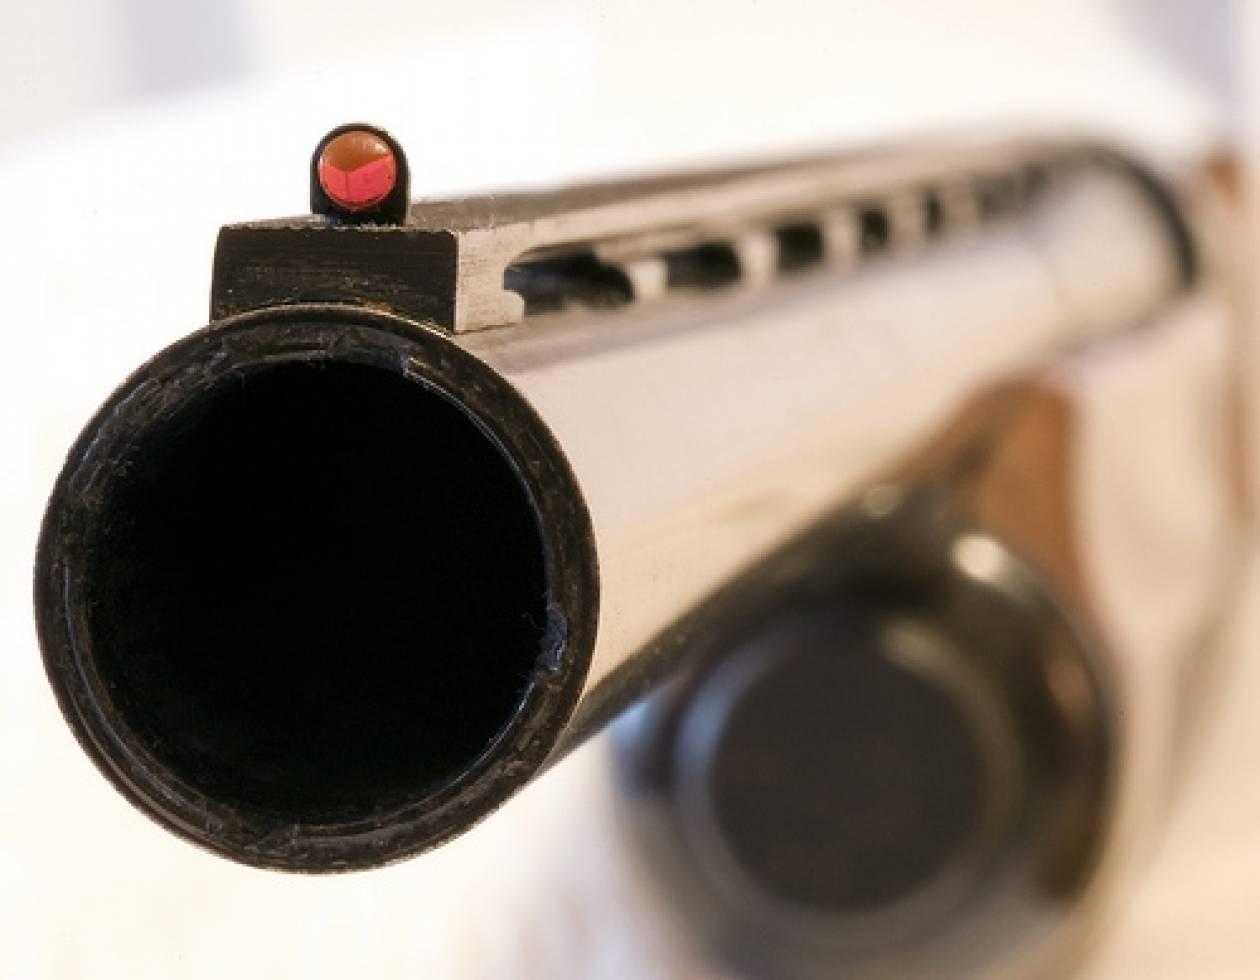 ΣΟΚ: 19χρονος αυτοκτόνησε γιατί τράκαρε με το αμάξι του πατέρα του